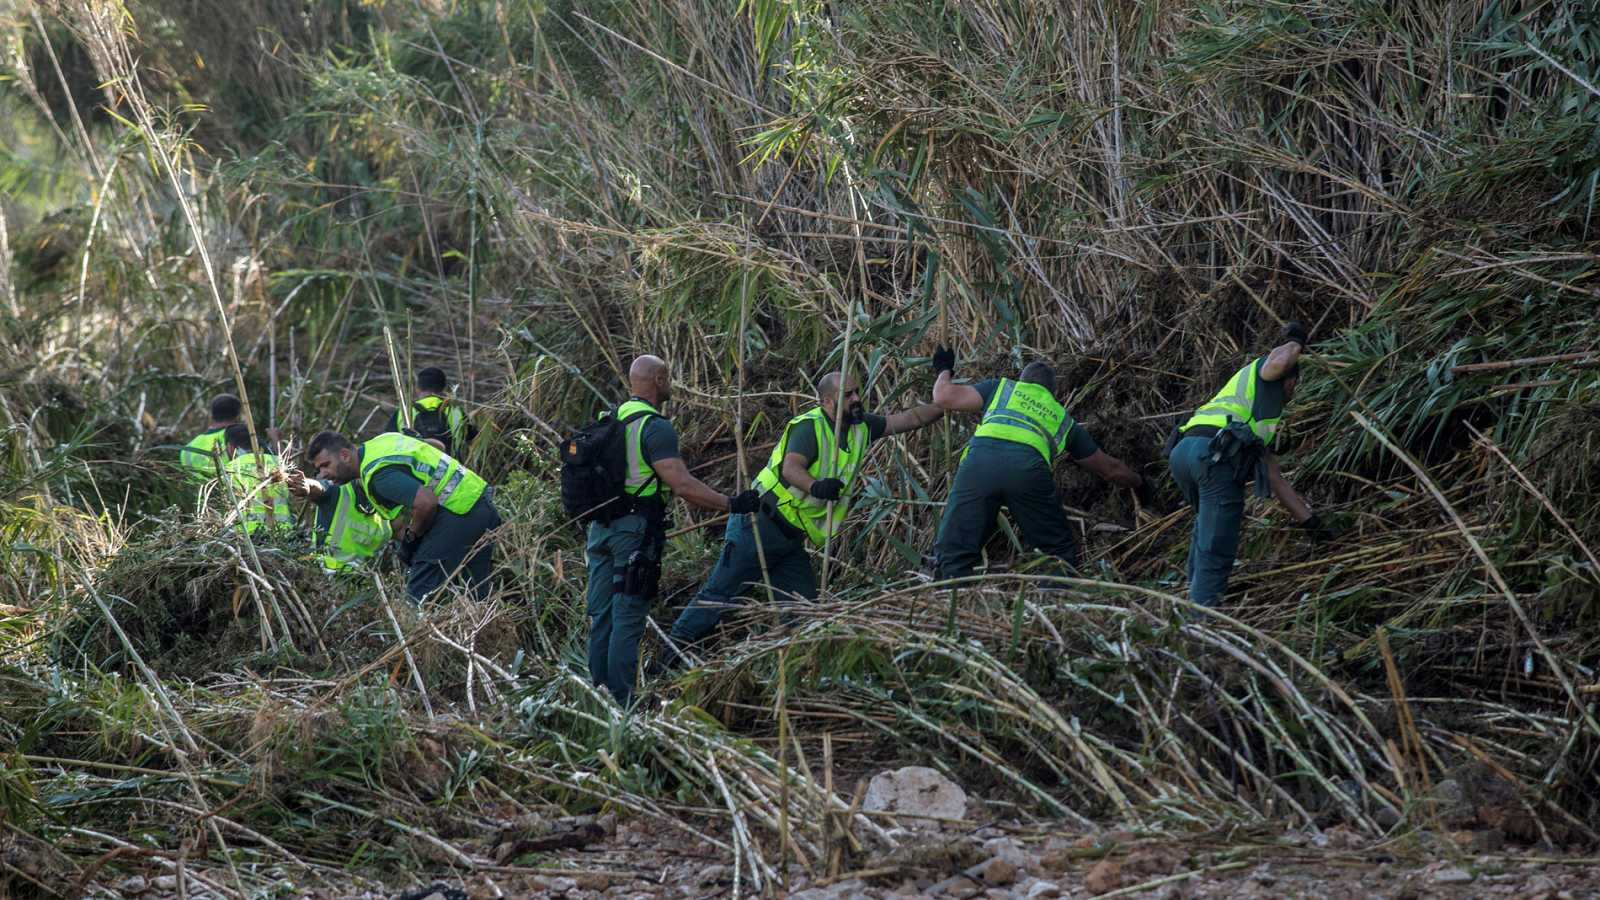 Los equipos de rescate y decenas de voluntarios intensifican la búsqueda del niño desaparecido por la riada en Mallorca